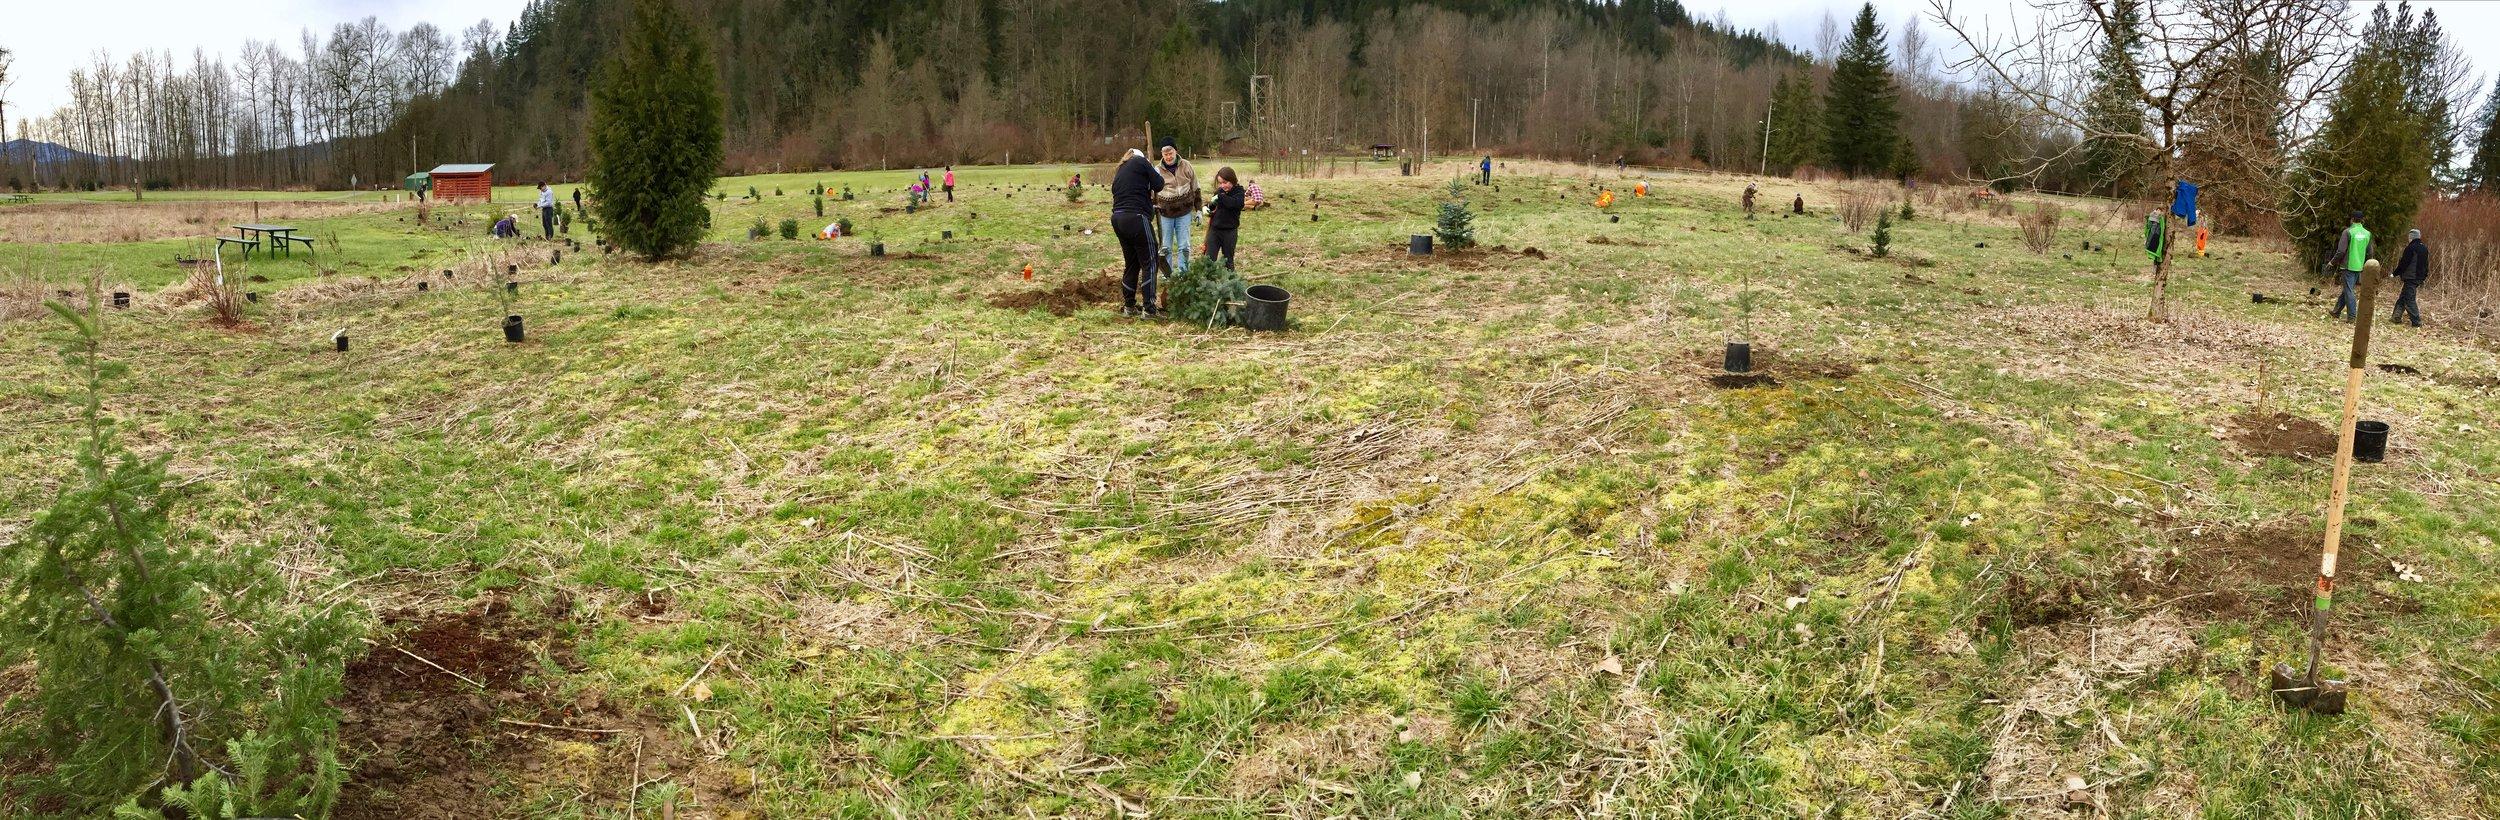 Volunteers planting in Tolt-MacDonald Park